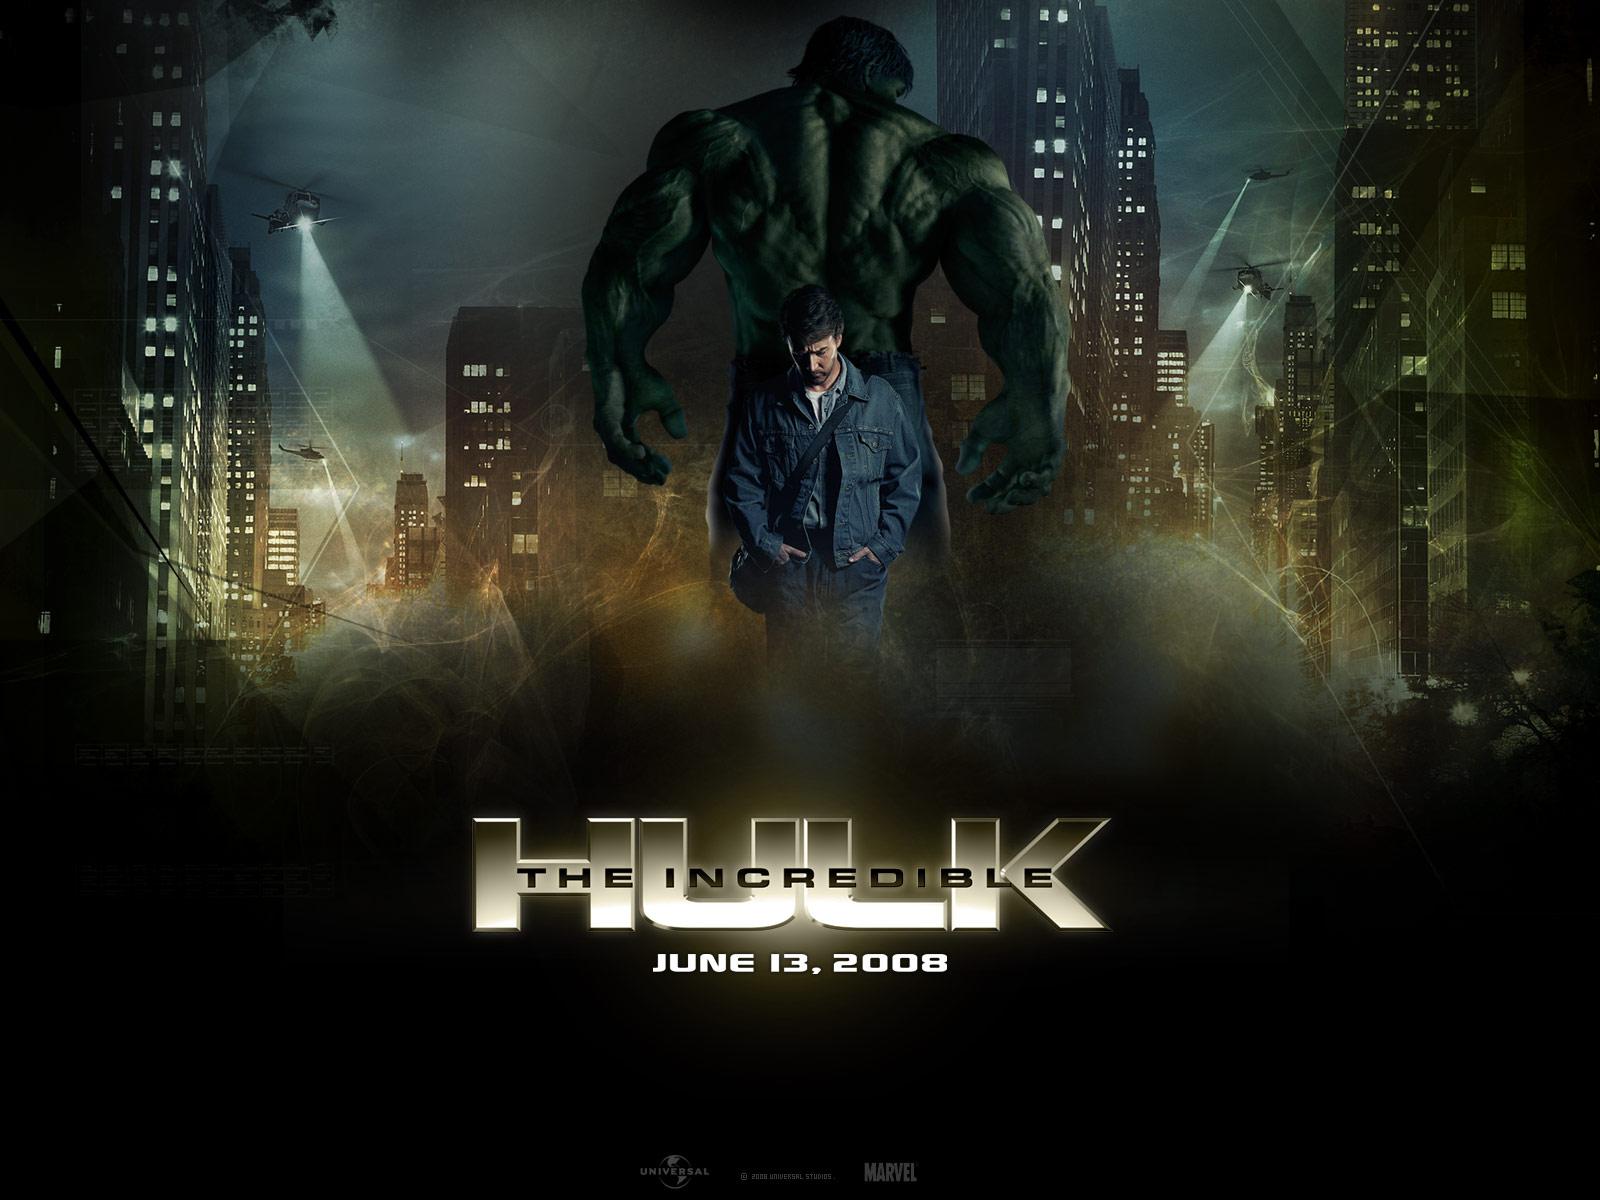 http://1.bp.blogspot.com/-LWc6MqDUZOQ/T6GkFZsYEDI/AAAAAAAAAJU/fTxOZDUdeck/s1600/Edward_Norton_in_The_Incredible_Hulk_Wallpaper_8_800.jpg